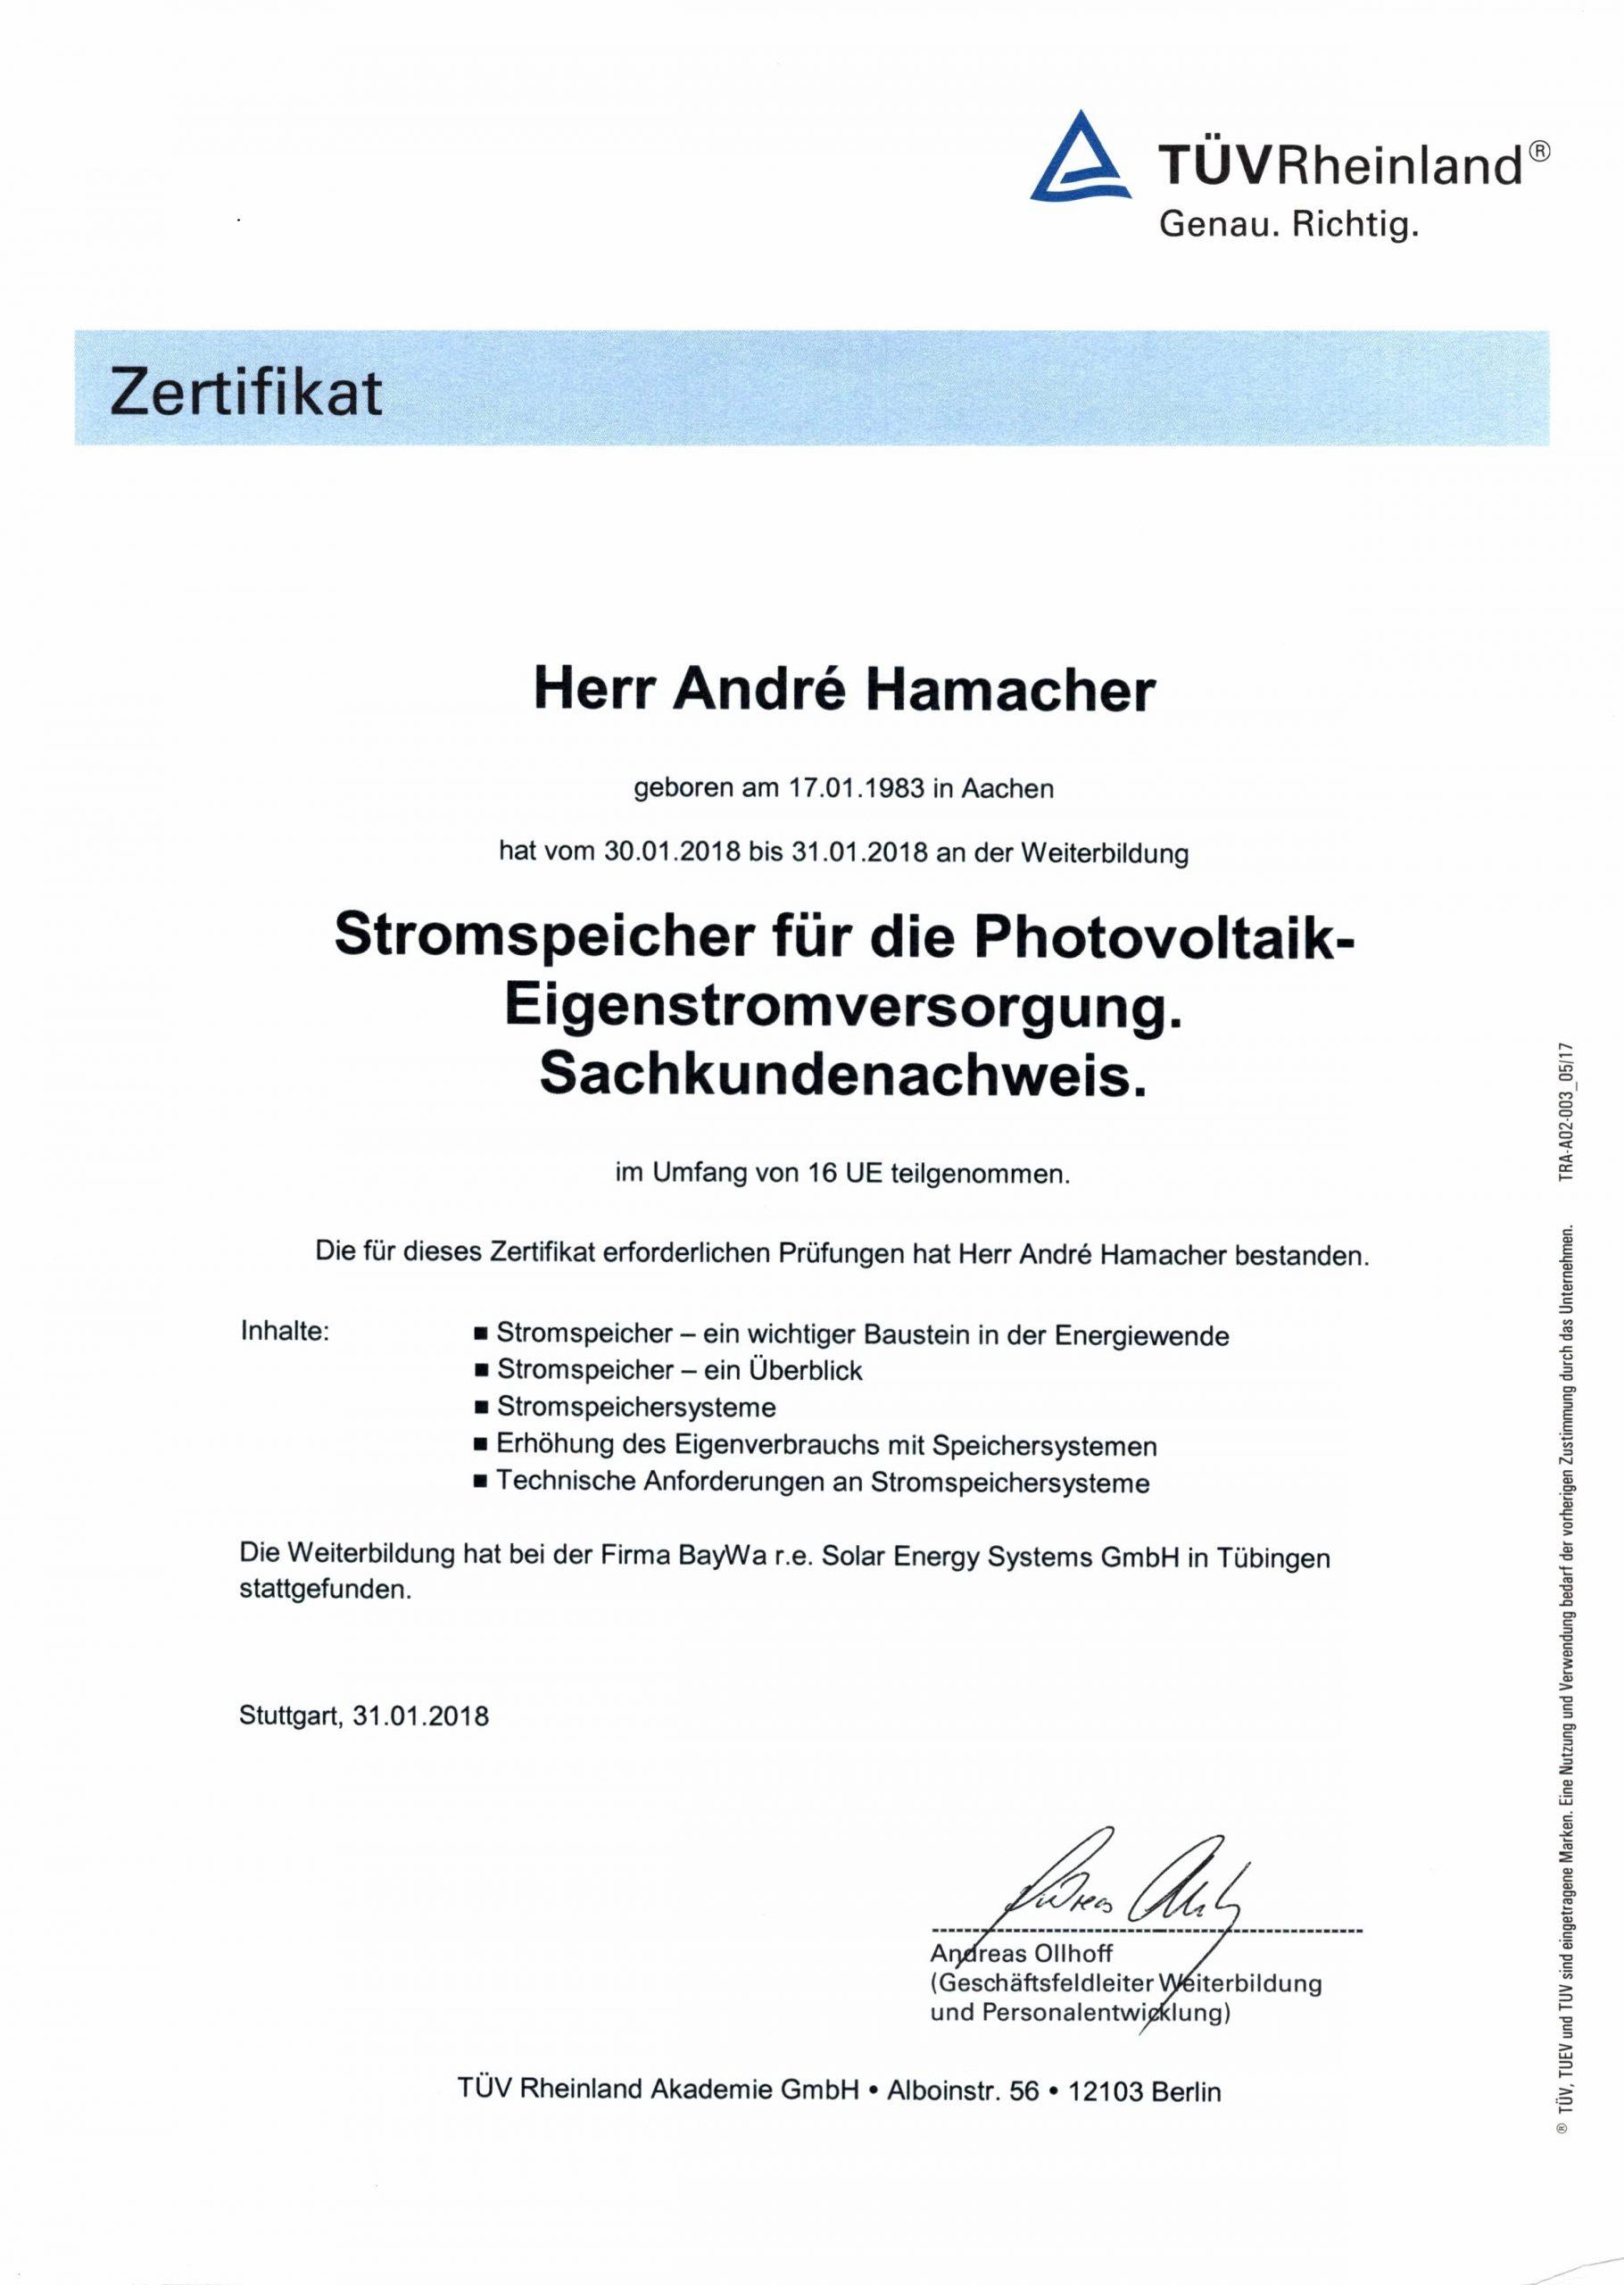 Zertifikat Stromspeicher für die Photovoltaik-Eigenstromversorgung. Sachkundenachweis.